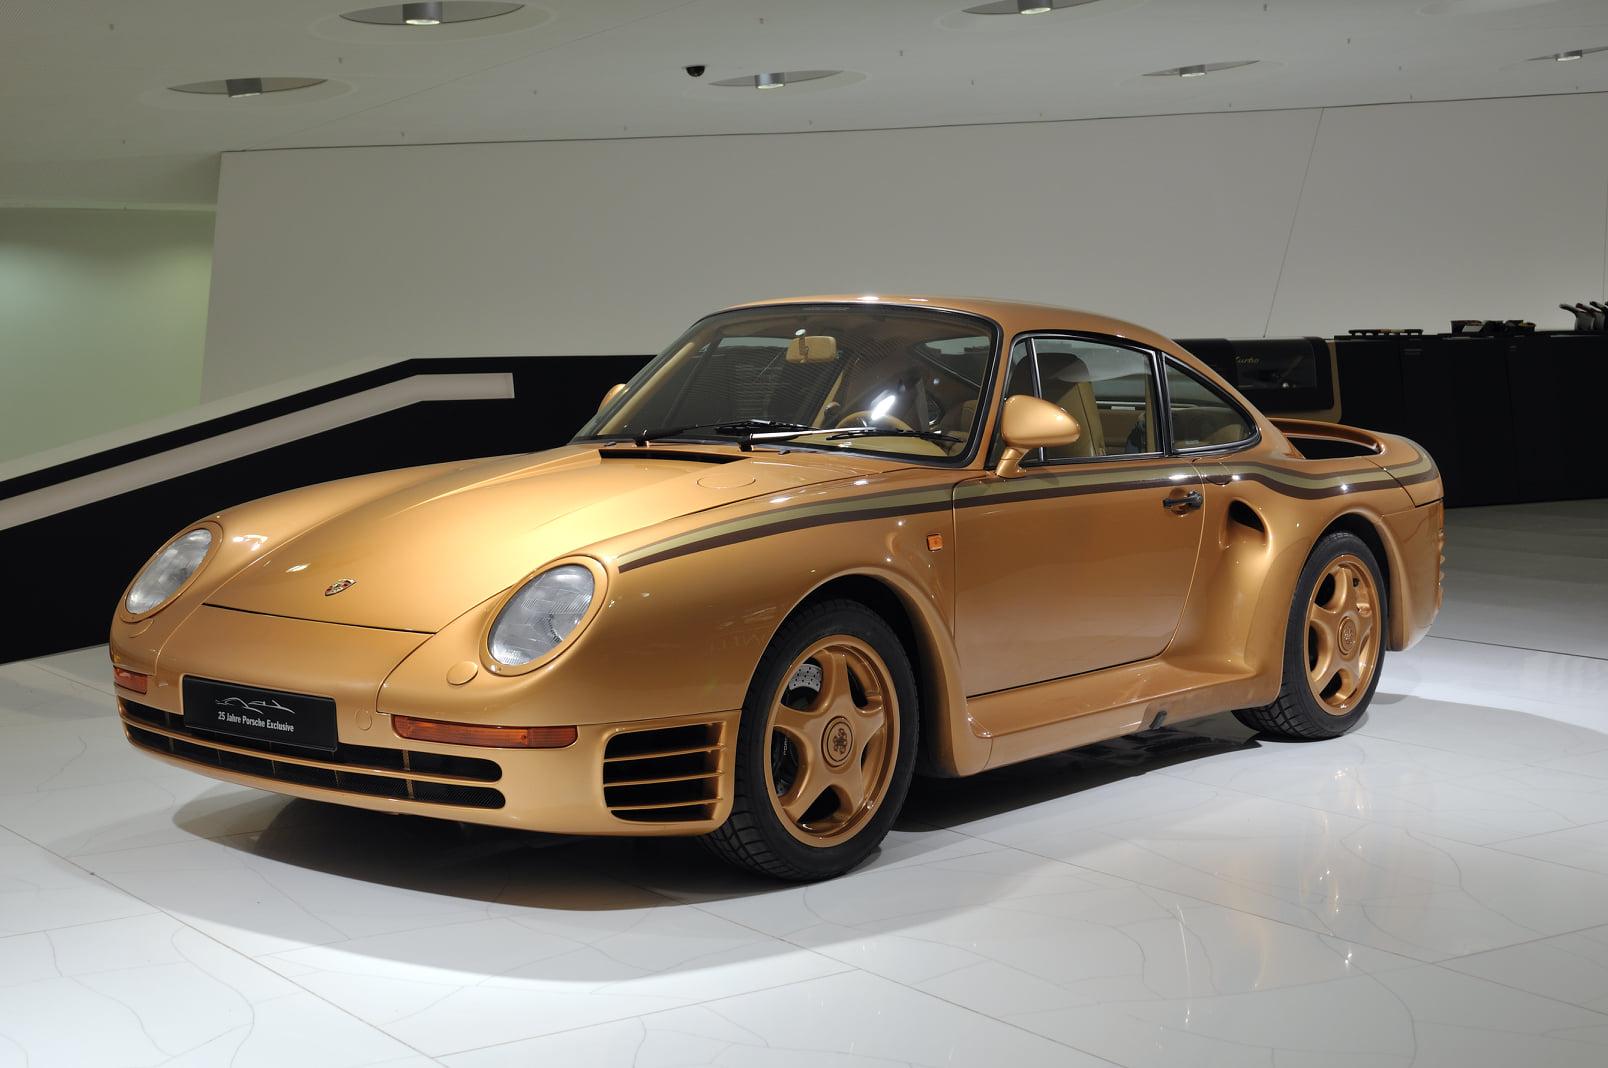 Porsche 959 vàng Gold của hoàng tộc Qatar, 'độc' nhưng chưa phải là tất cả 5